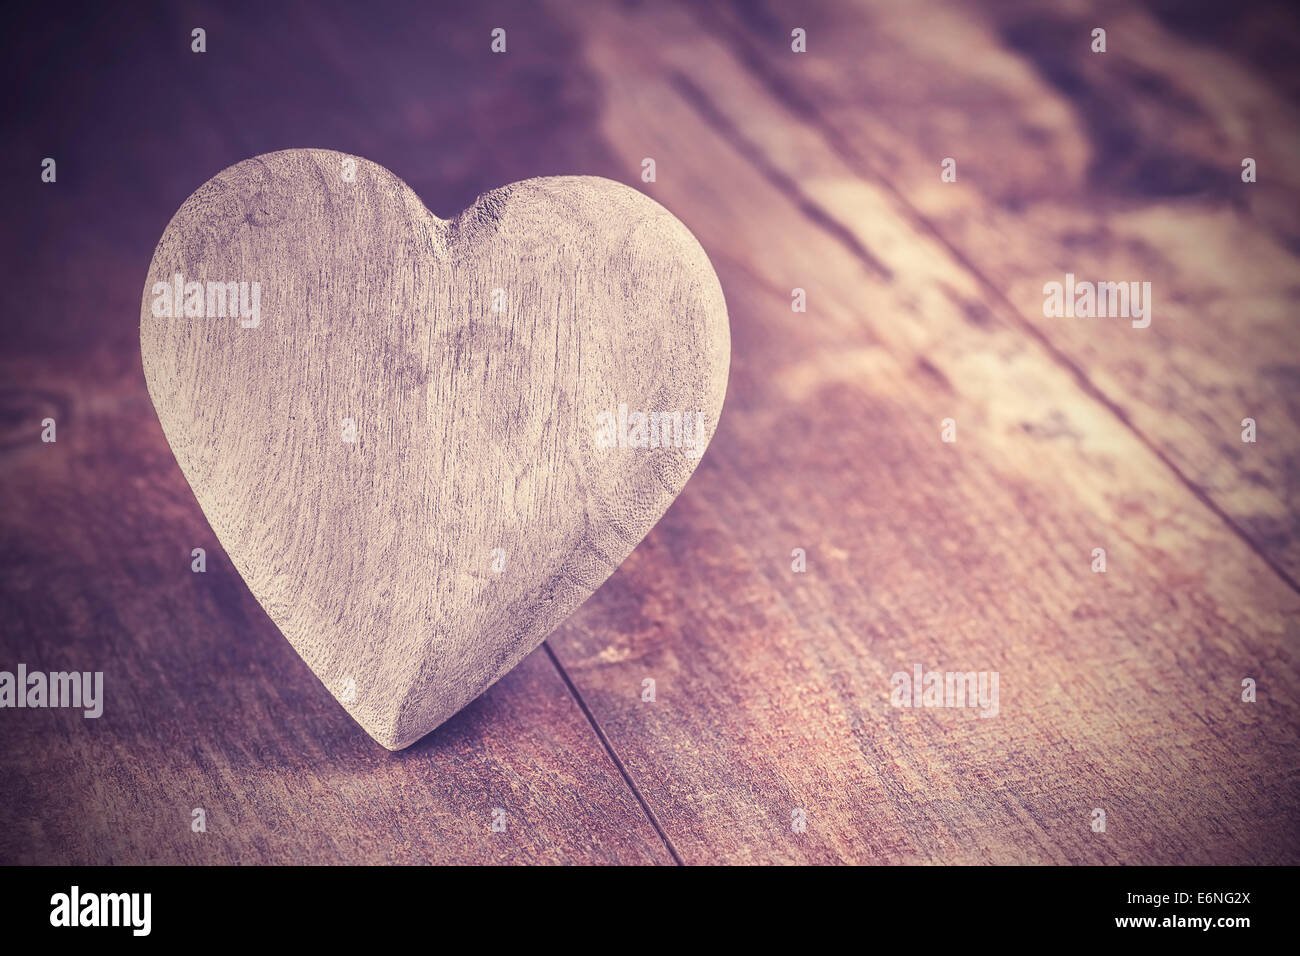 Vintage-Stil Herz auf rustikalen hölzernen Hintergrund, Textfreiraum. Stockbild